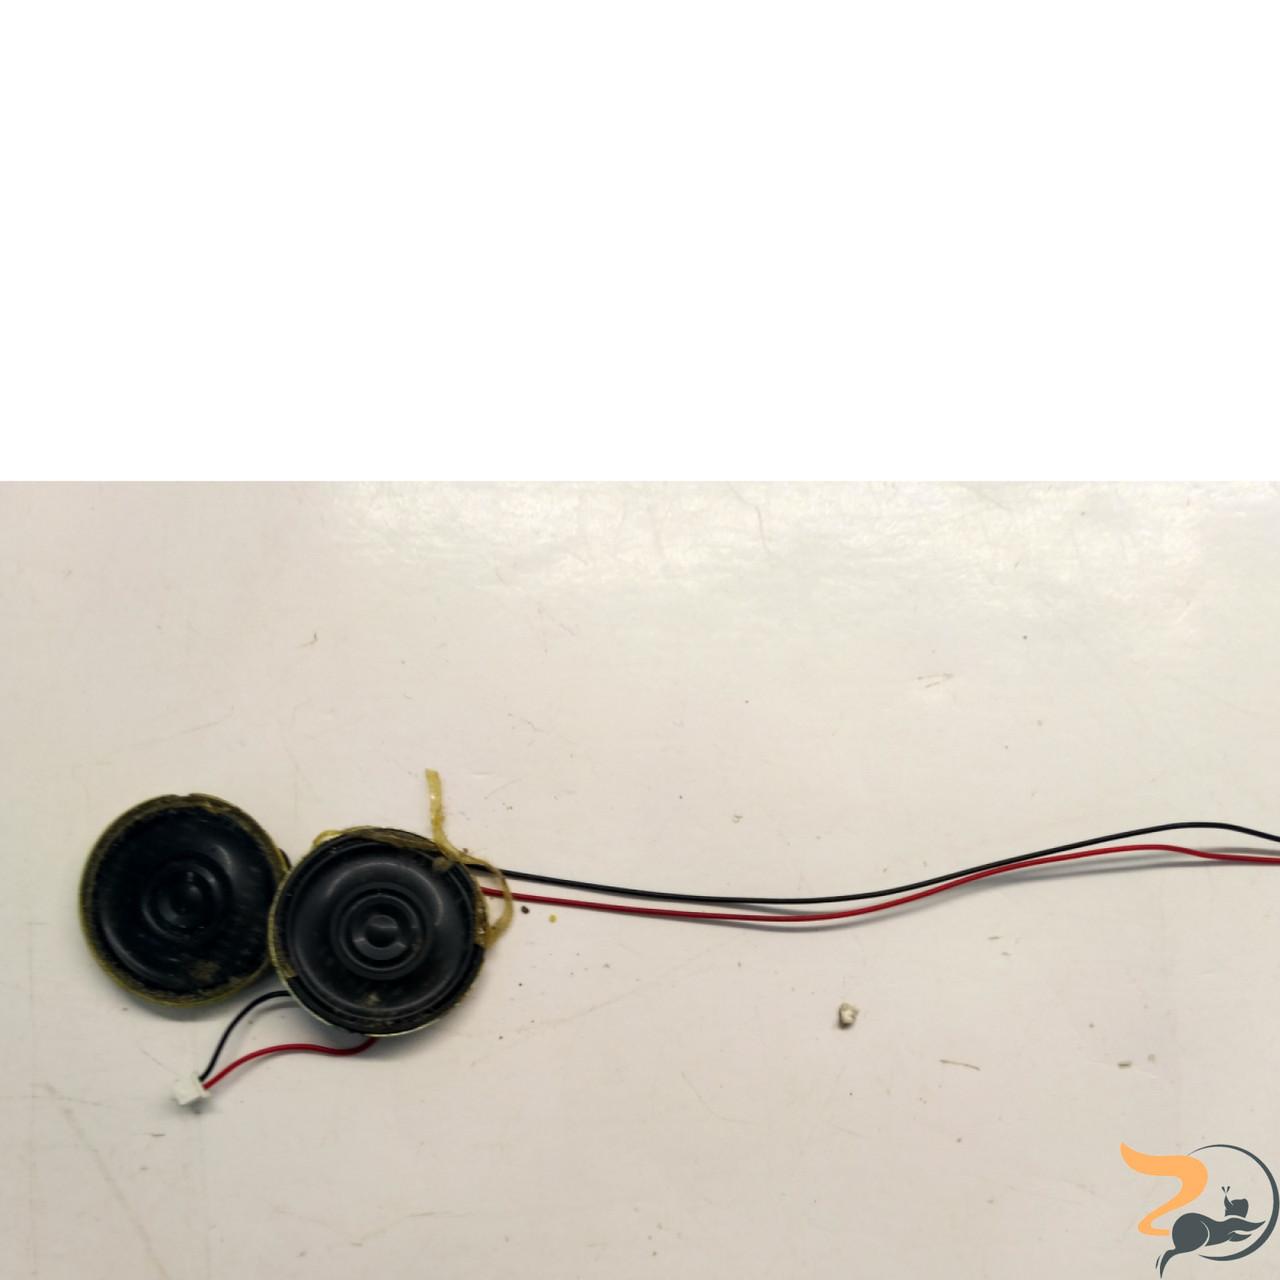 Динаміки для ноутбука Sony Vaio PCG-9L1L, Б/В, в хорошому стані, без пошкоджень